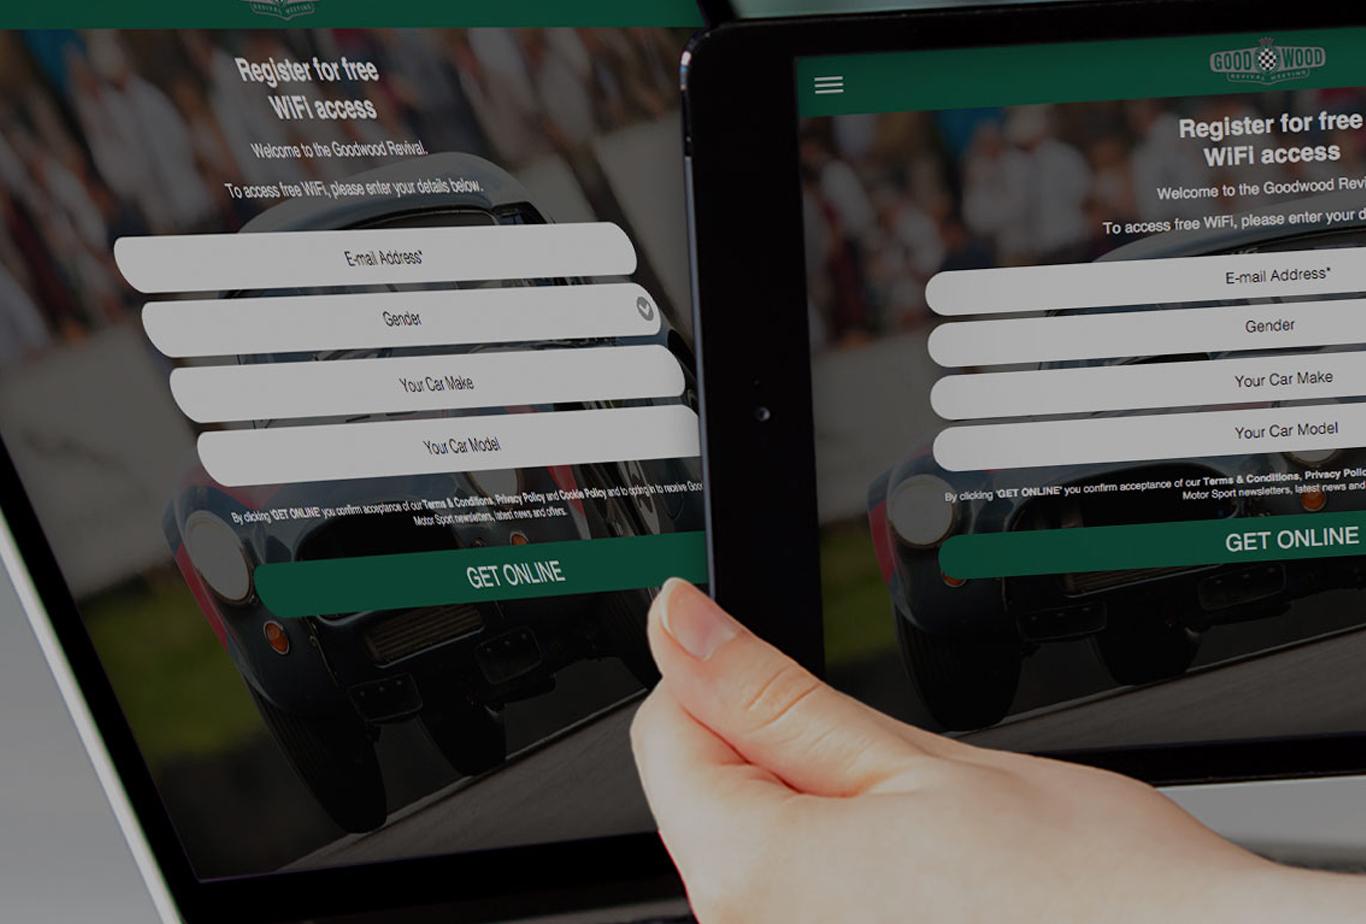 Captive Portal para acesso Social WiFi, o que é?